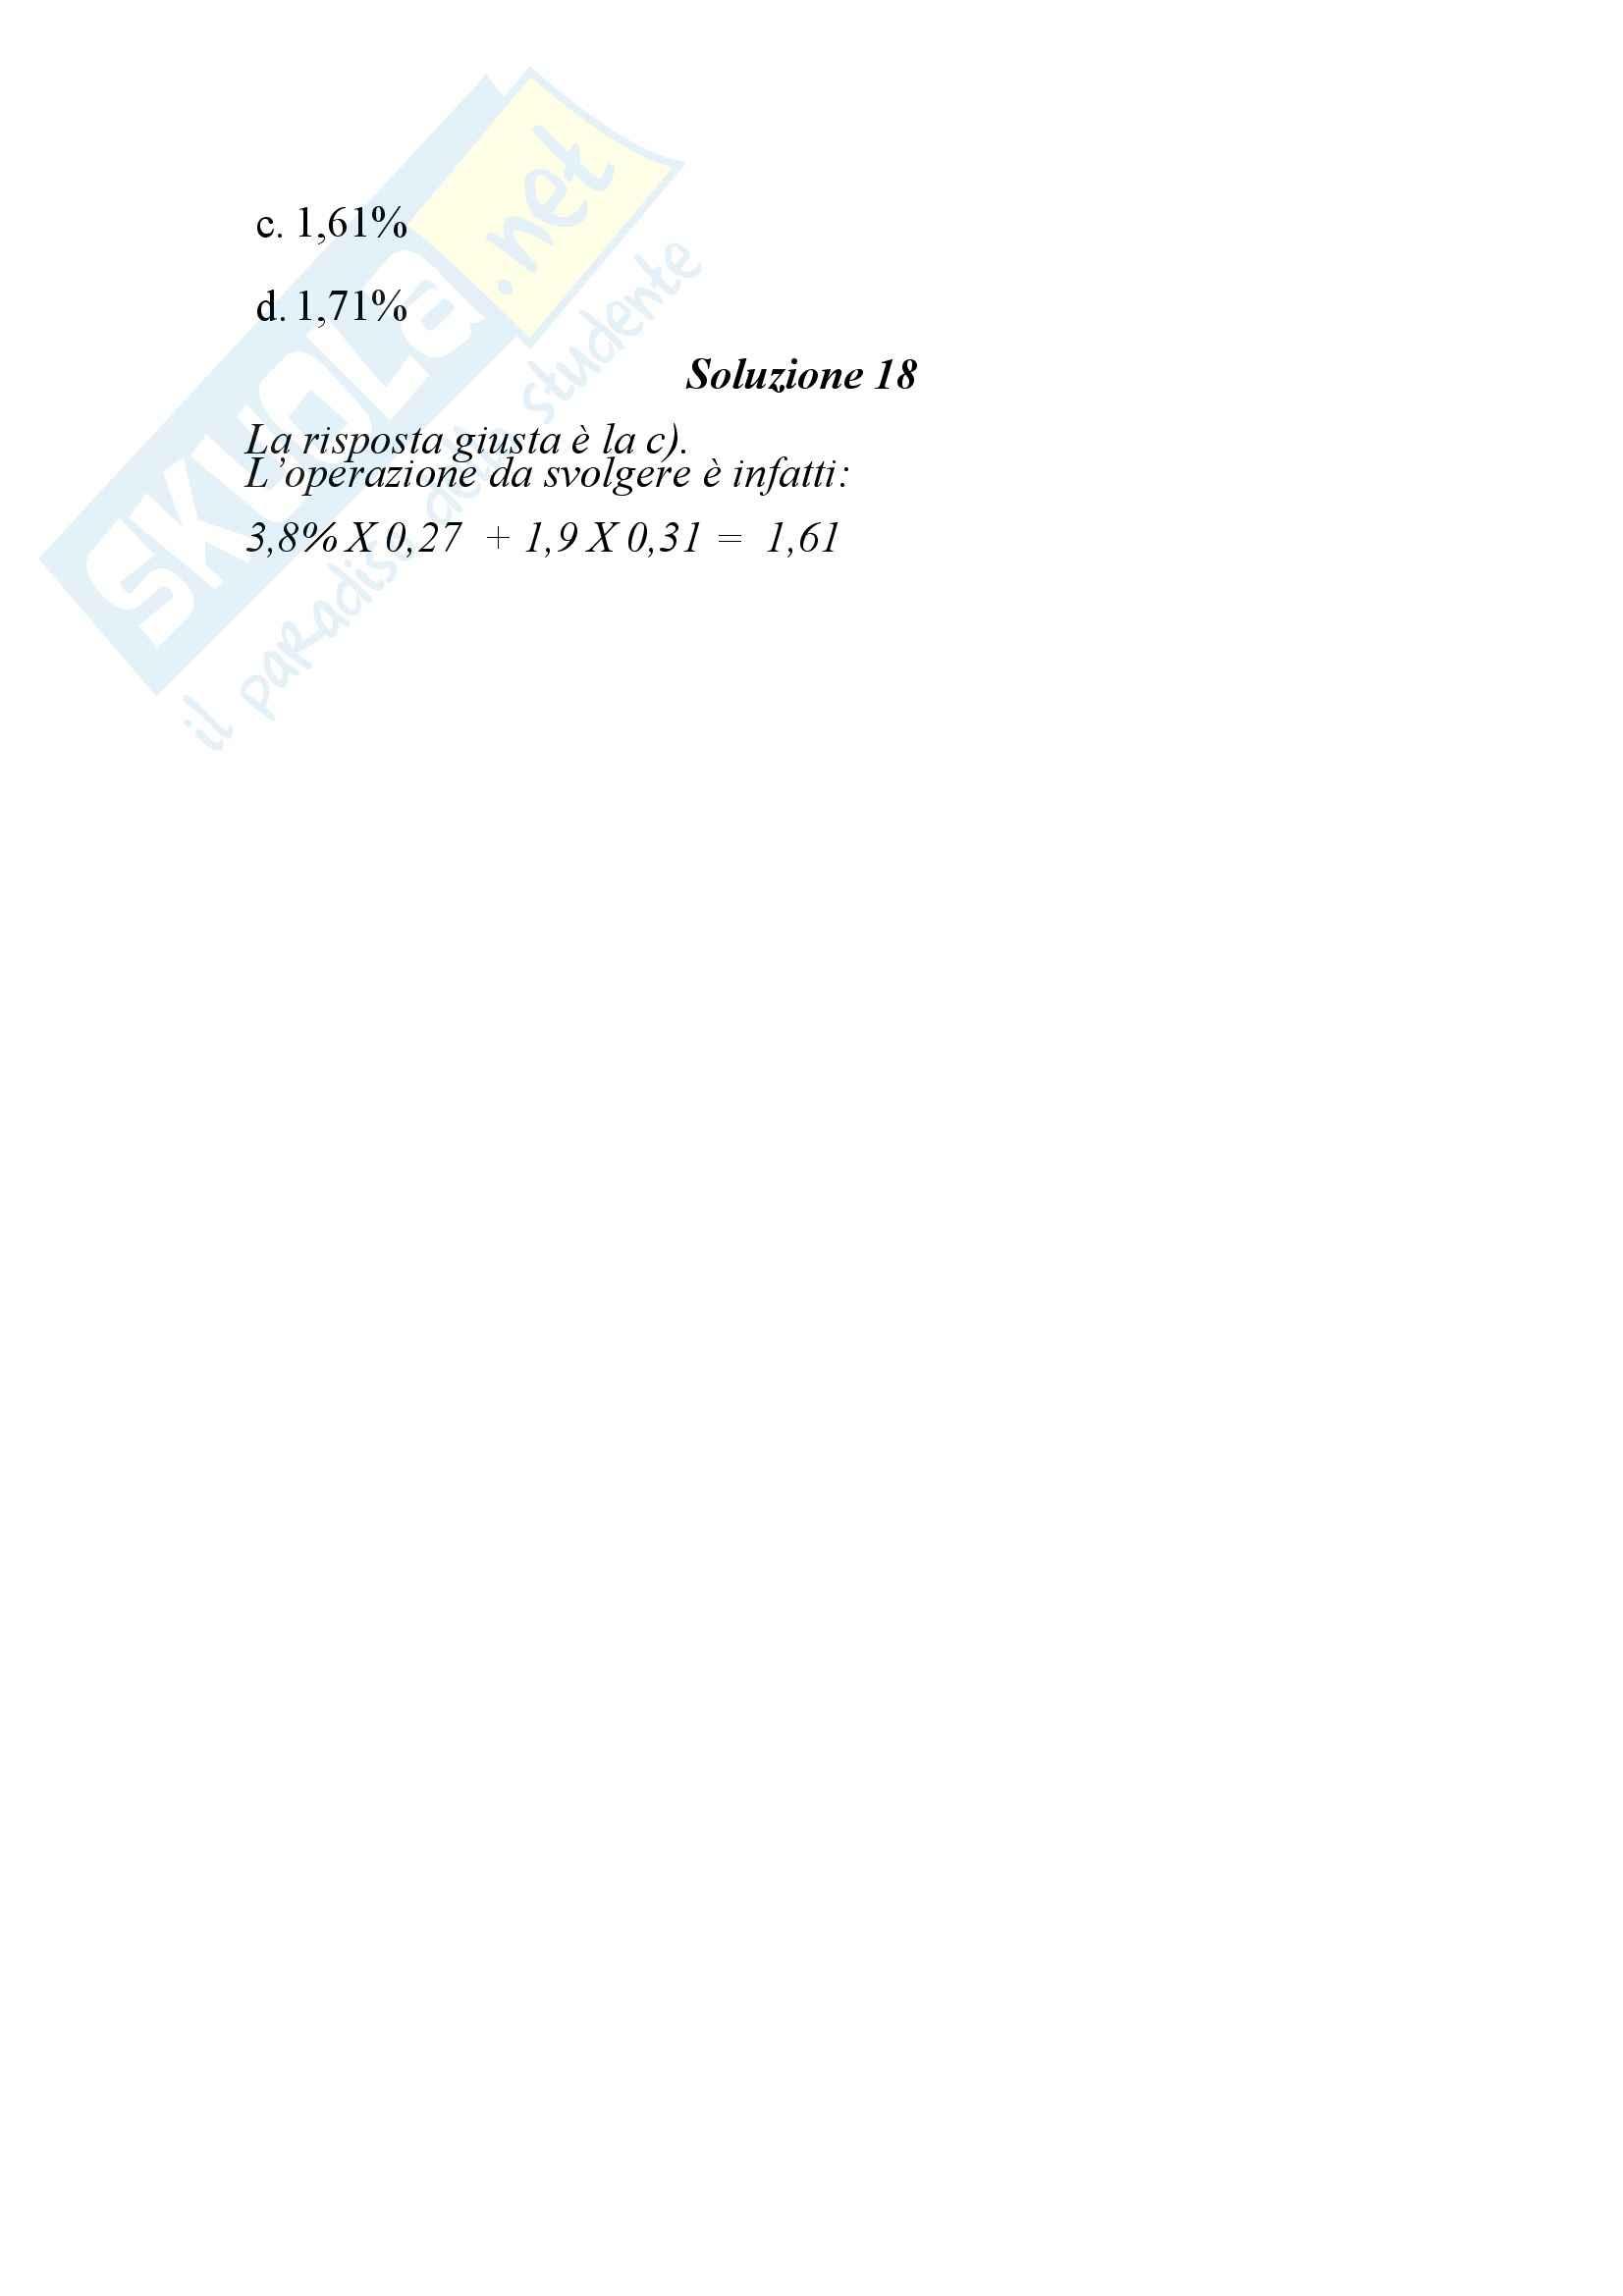 Variabili economiche Pag. 16